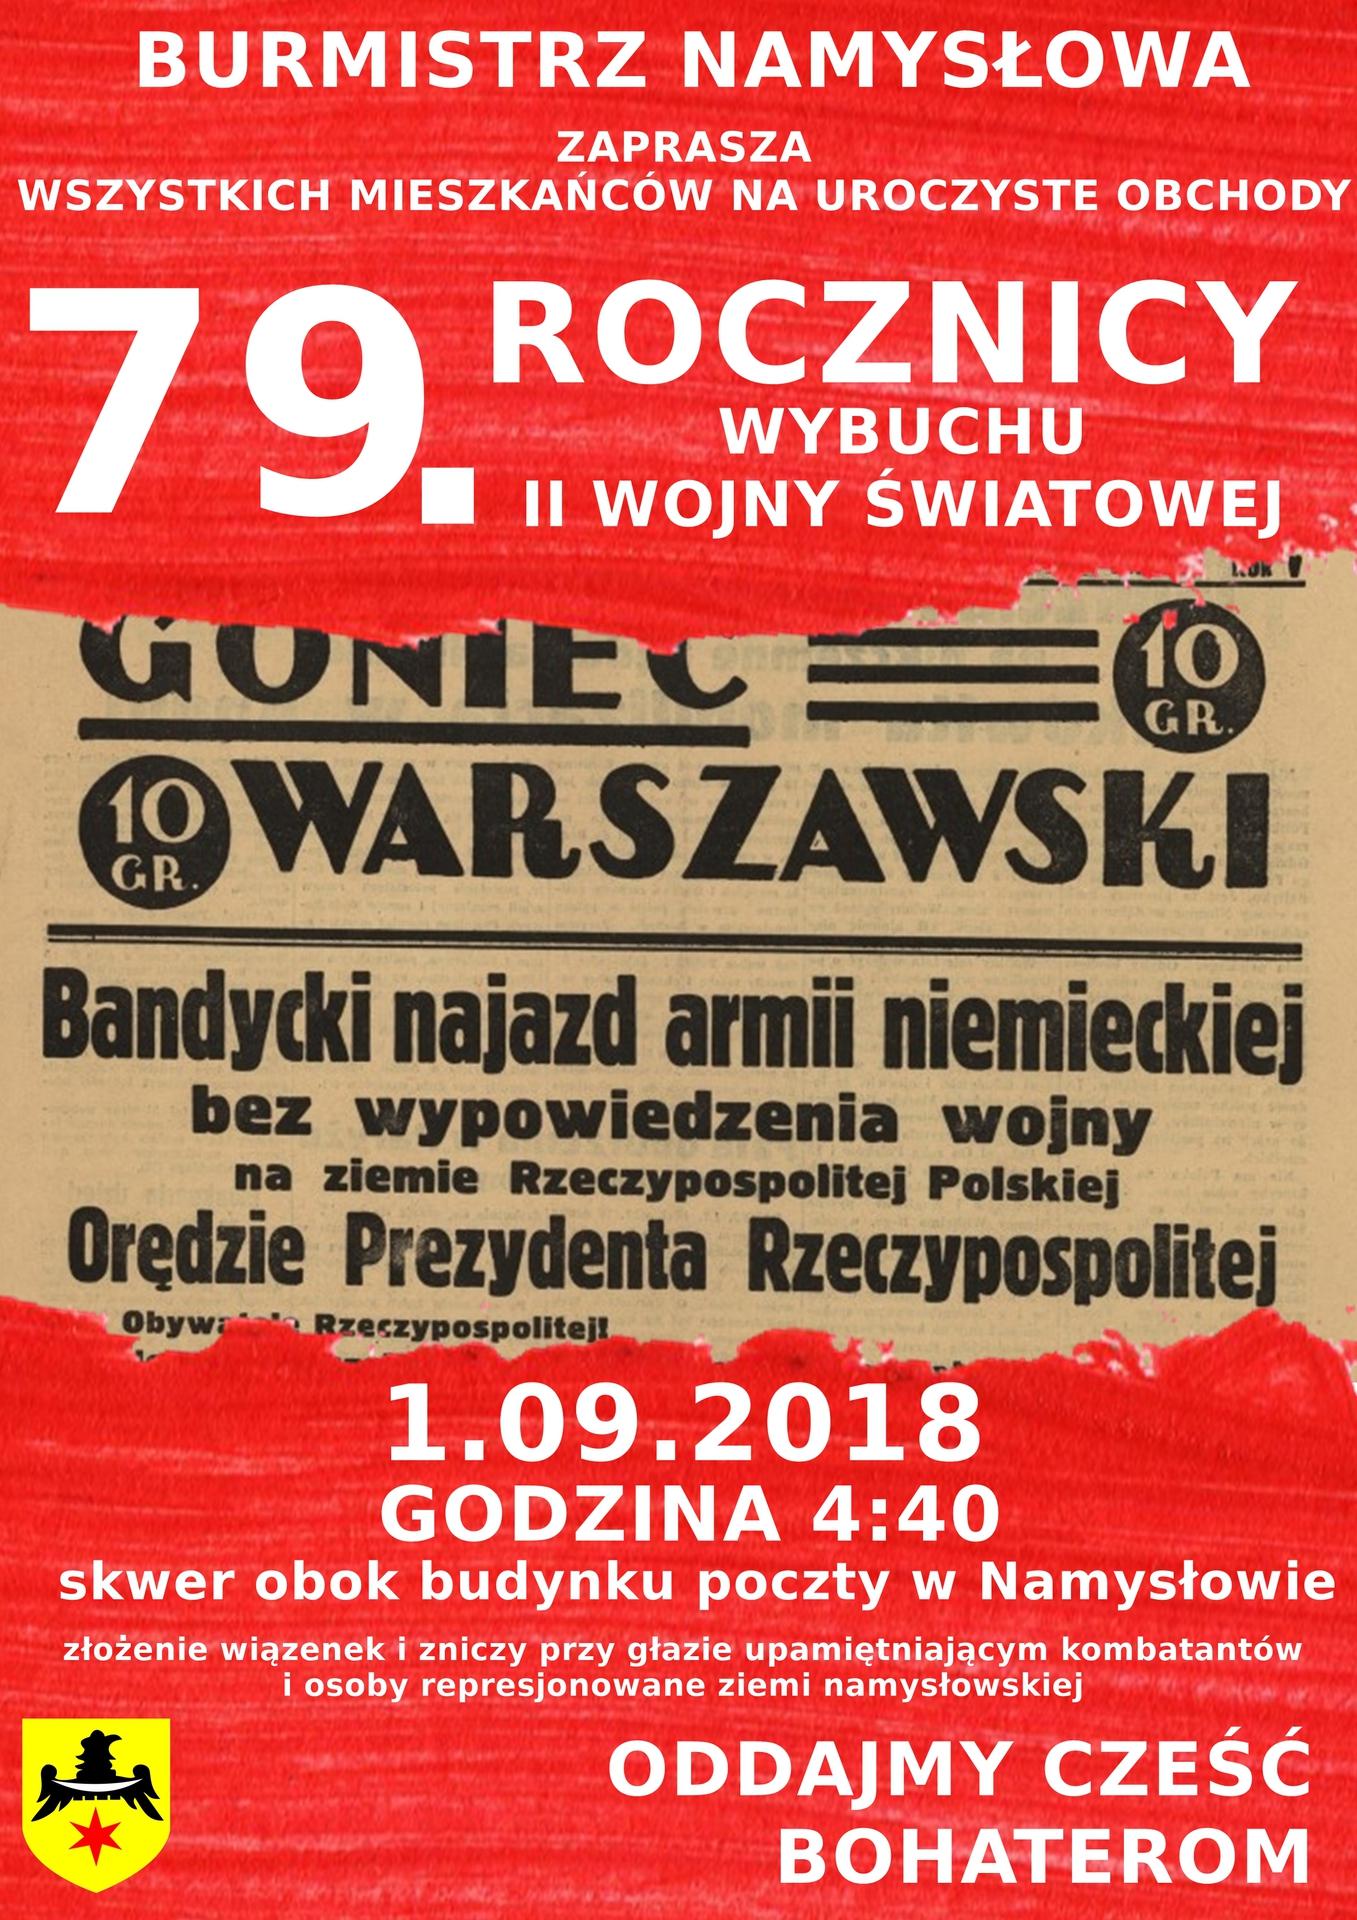 plakat II wojna światowa.jpeg